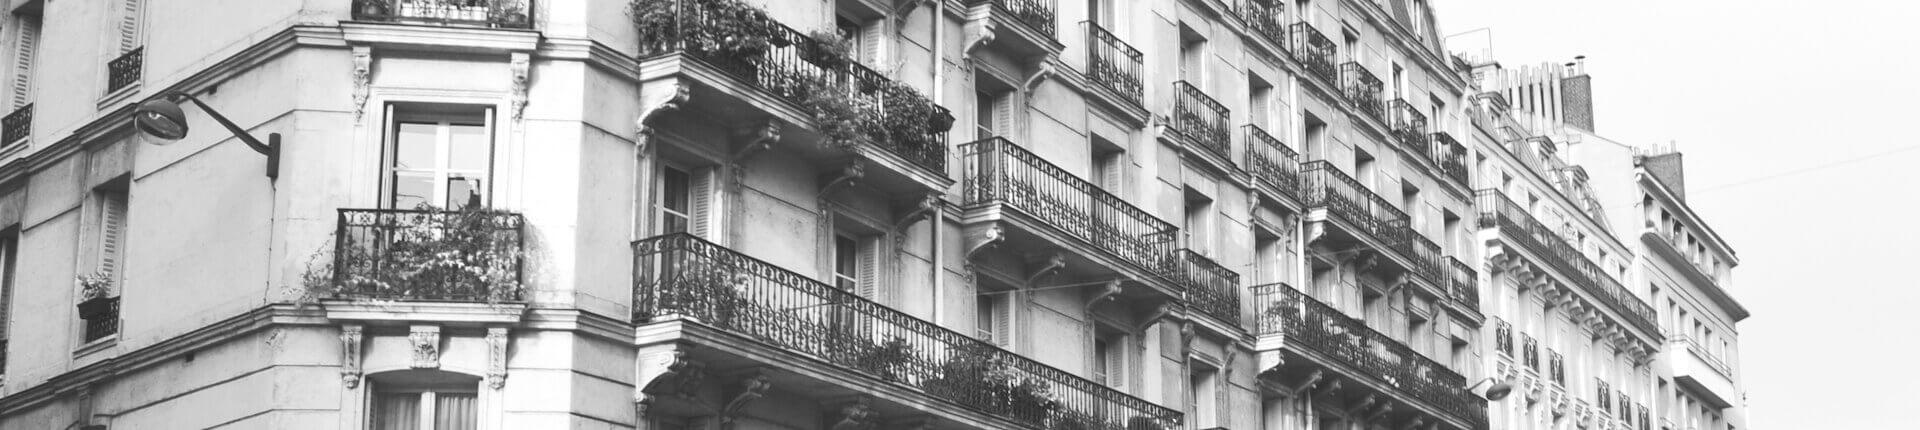 Vermietete Wohnung verkaufen | Was beachten? | Alle Infos und Tipps